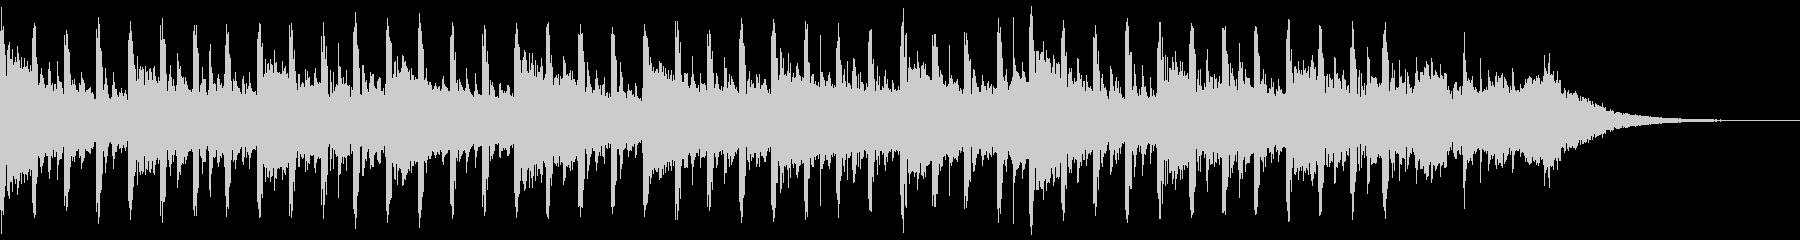 説明者の背景(30秒)の未再生の波形